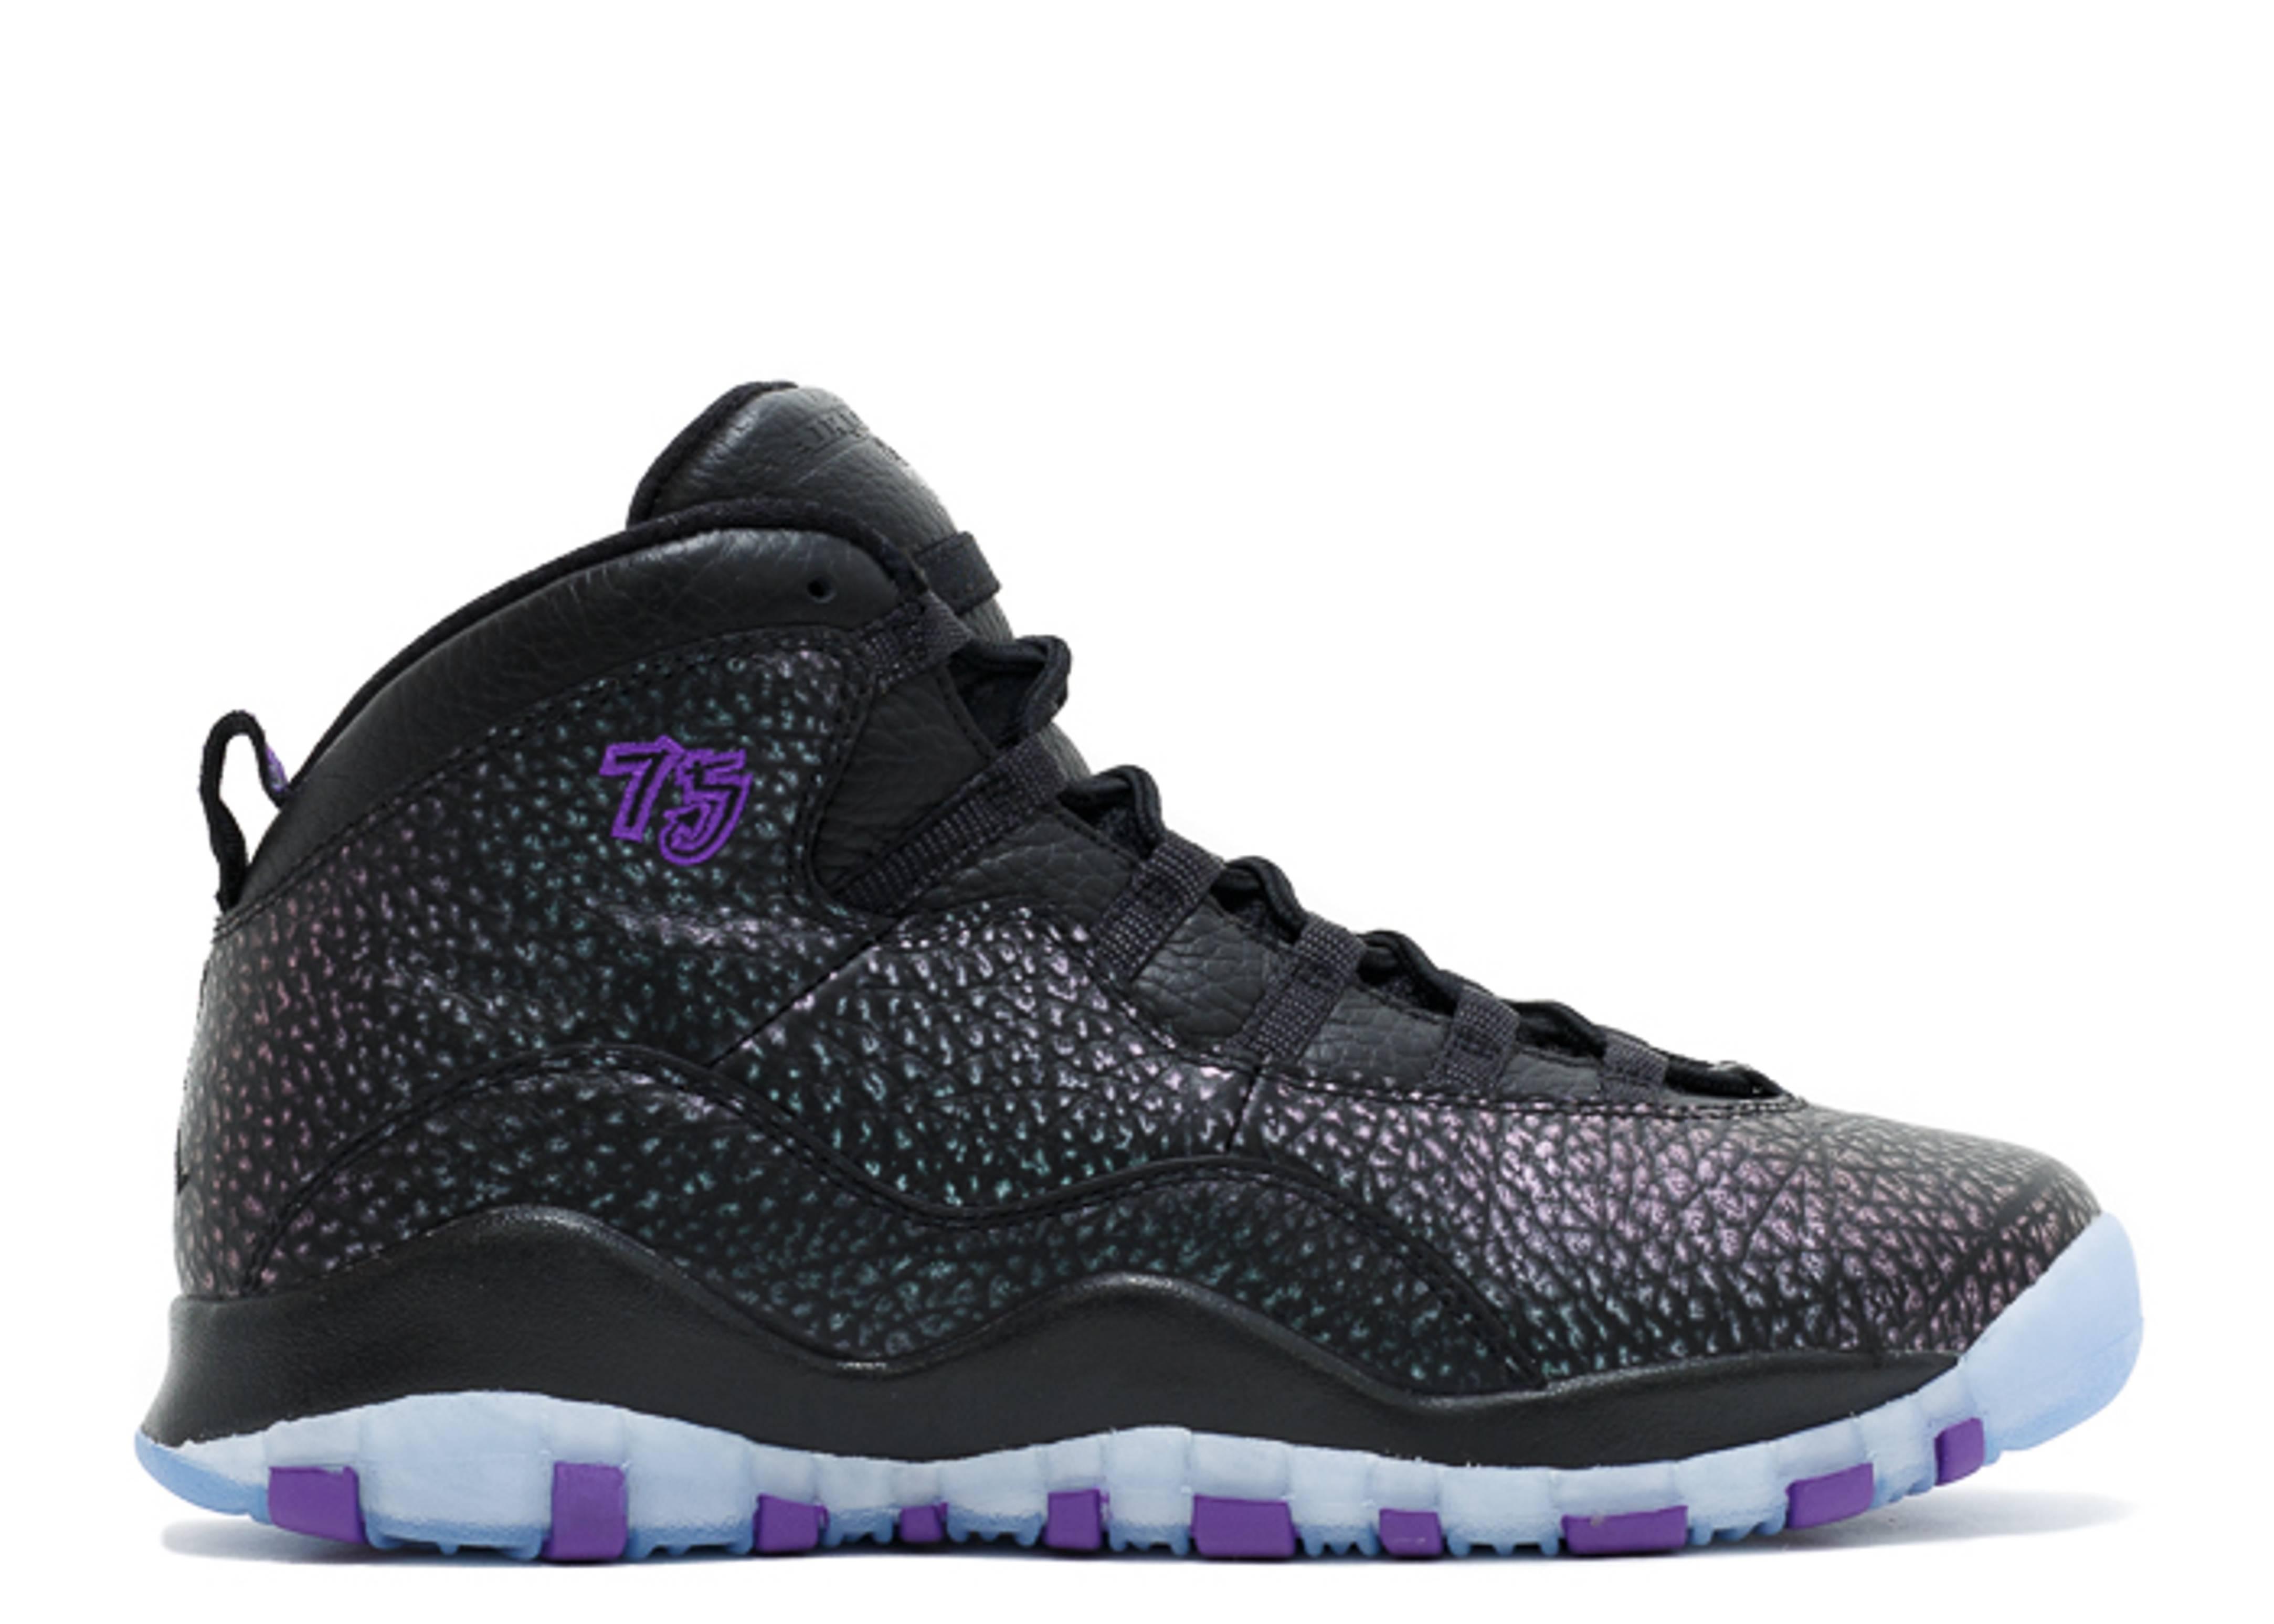 Air Jordan 10 Grey Purple